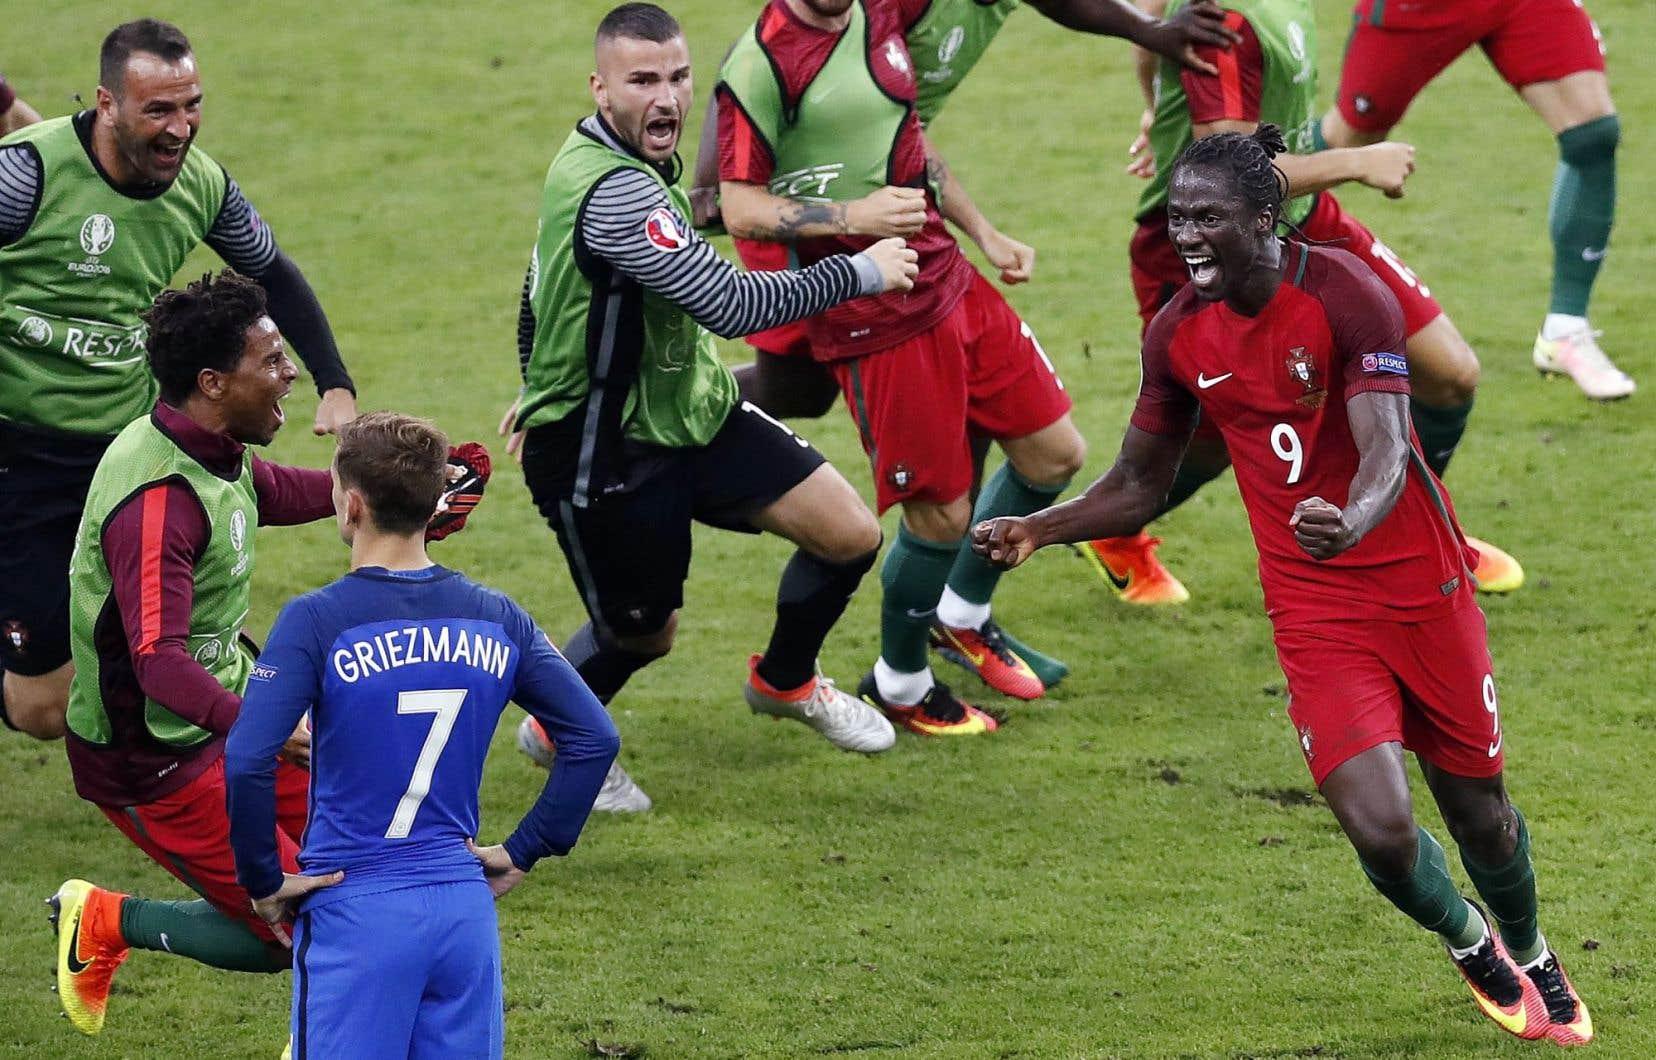 L'attaquant Éder (no 9) a marqué à la 109e minute, provoquant l'euphorie de ses coéquipiers sur le terrain du Stade de France.